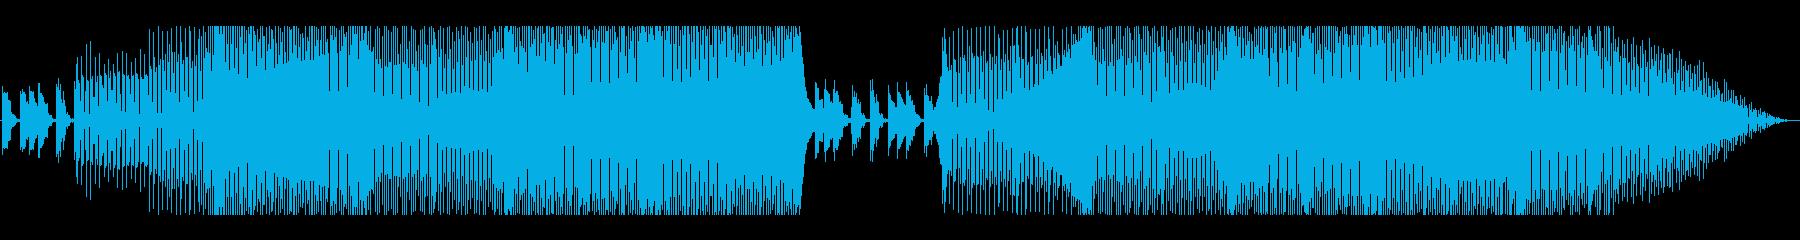 エレクトロニックポップインストゥル...の再生済みの波形